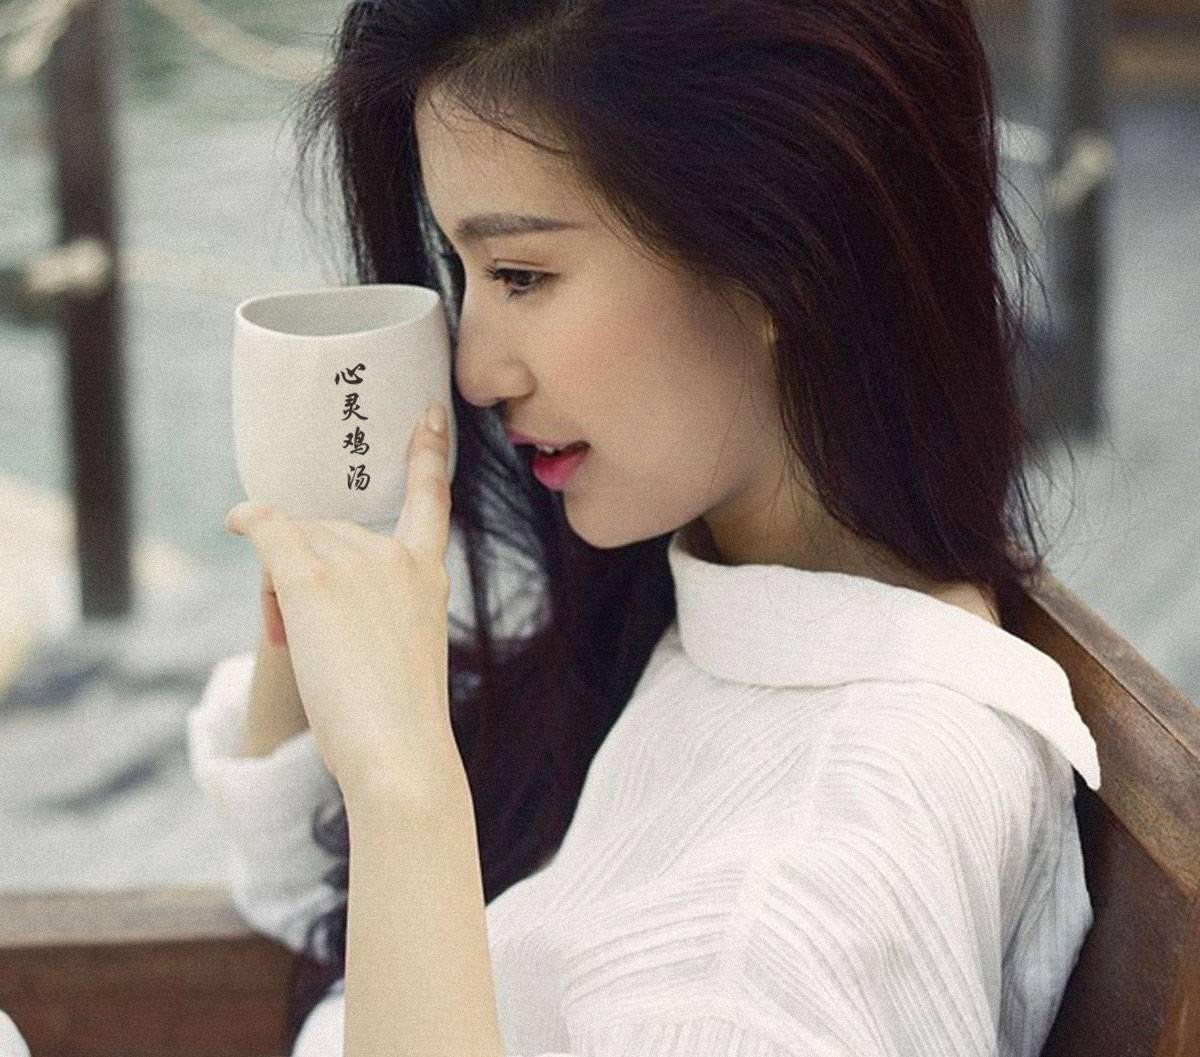 Куриный бульон для души 心灵鸡汤 обр. красивые умные фразы и изречения